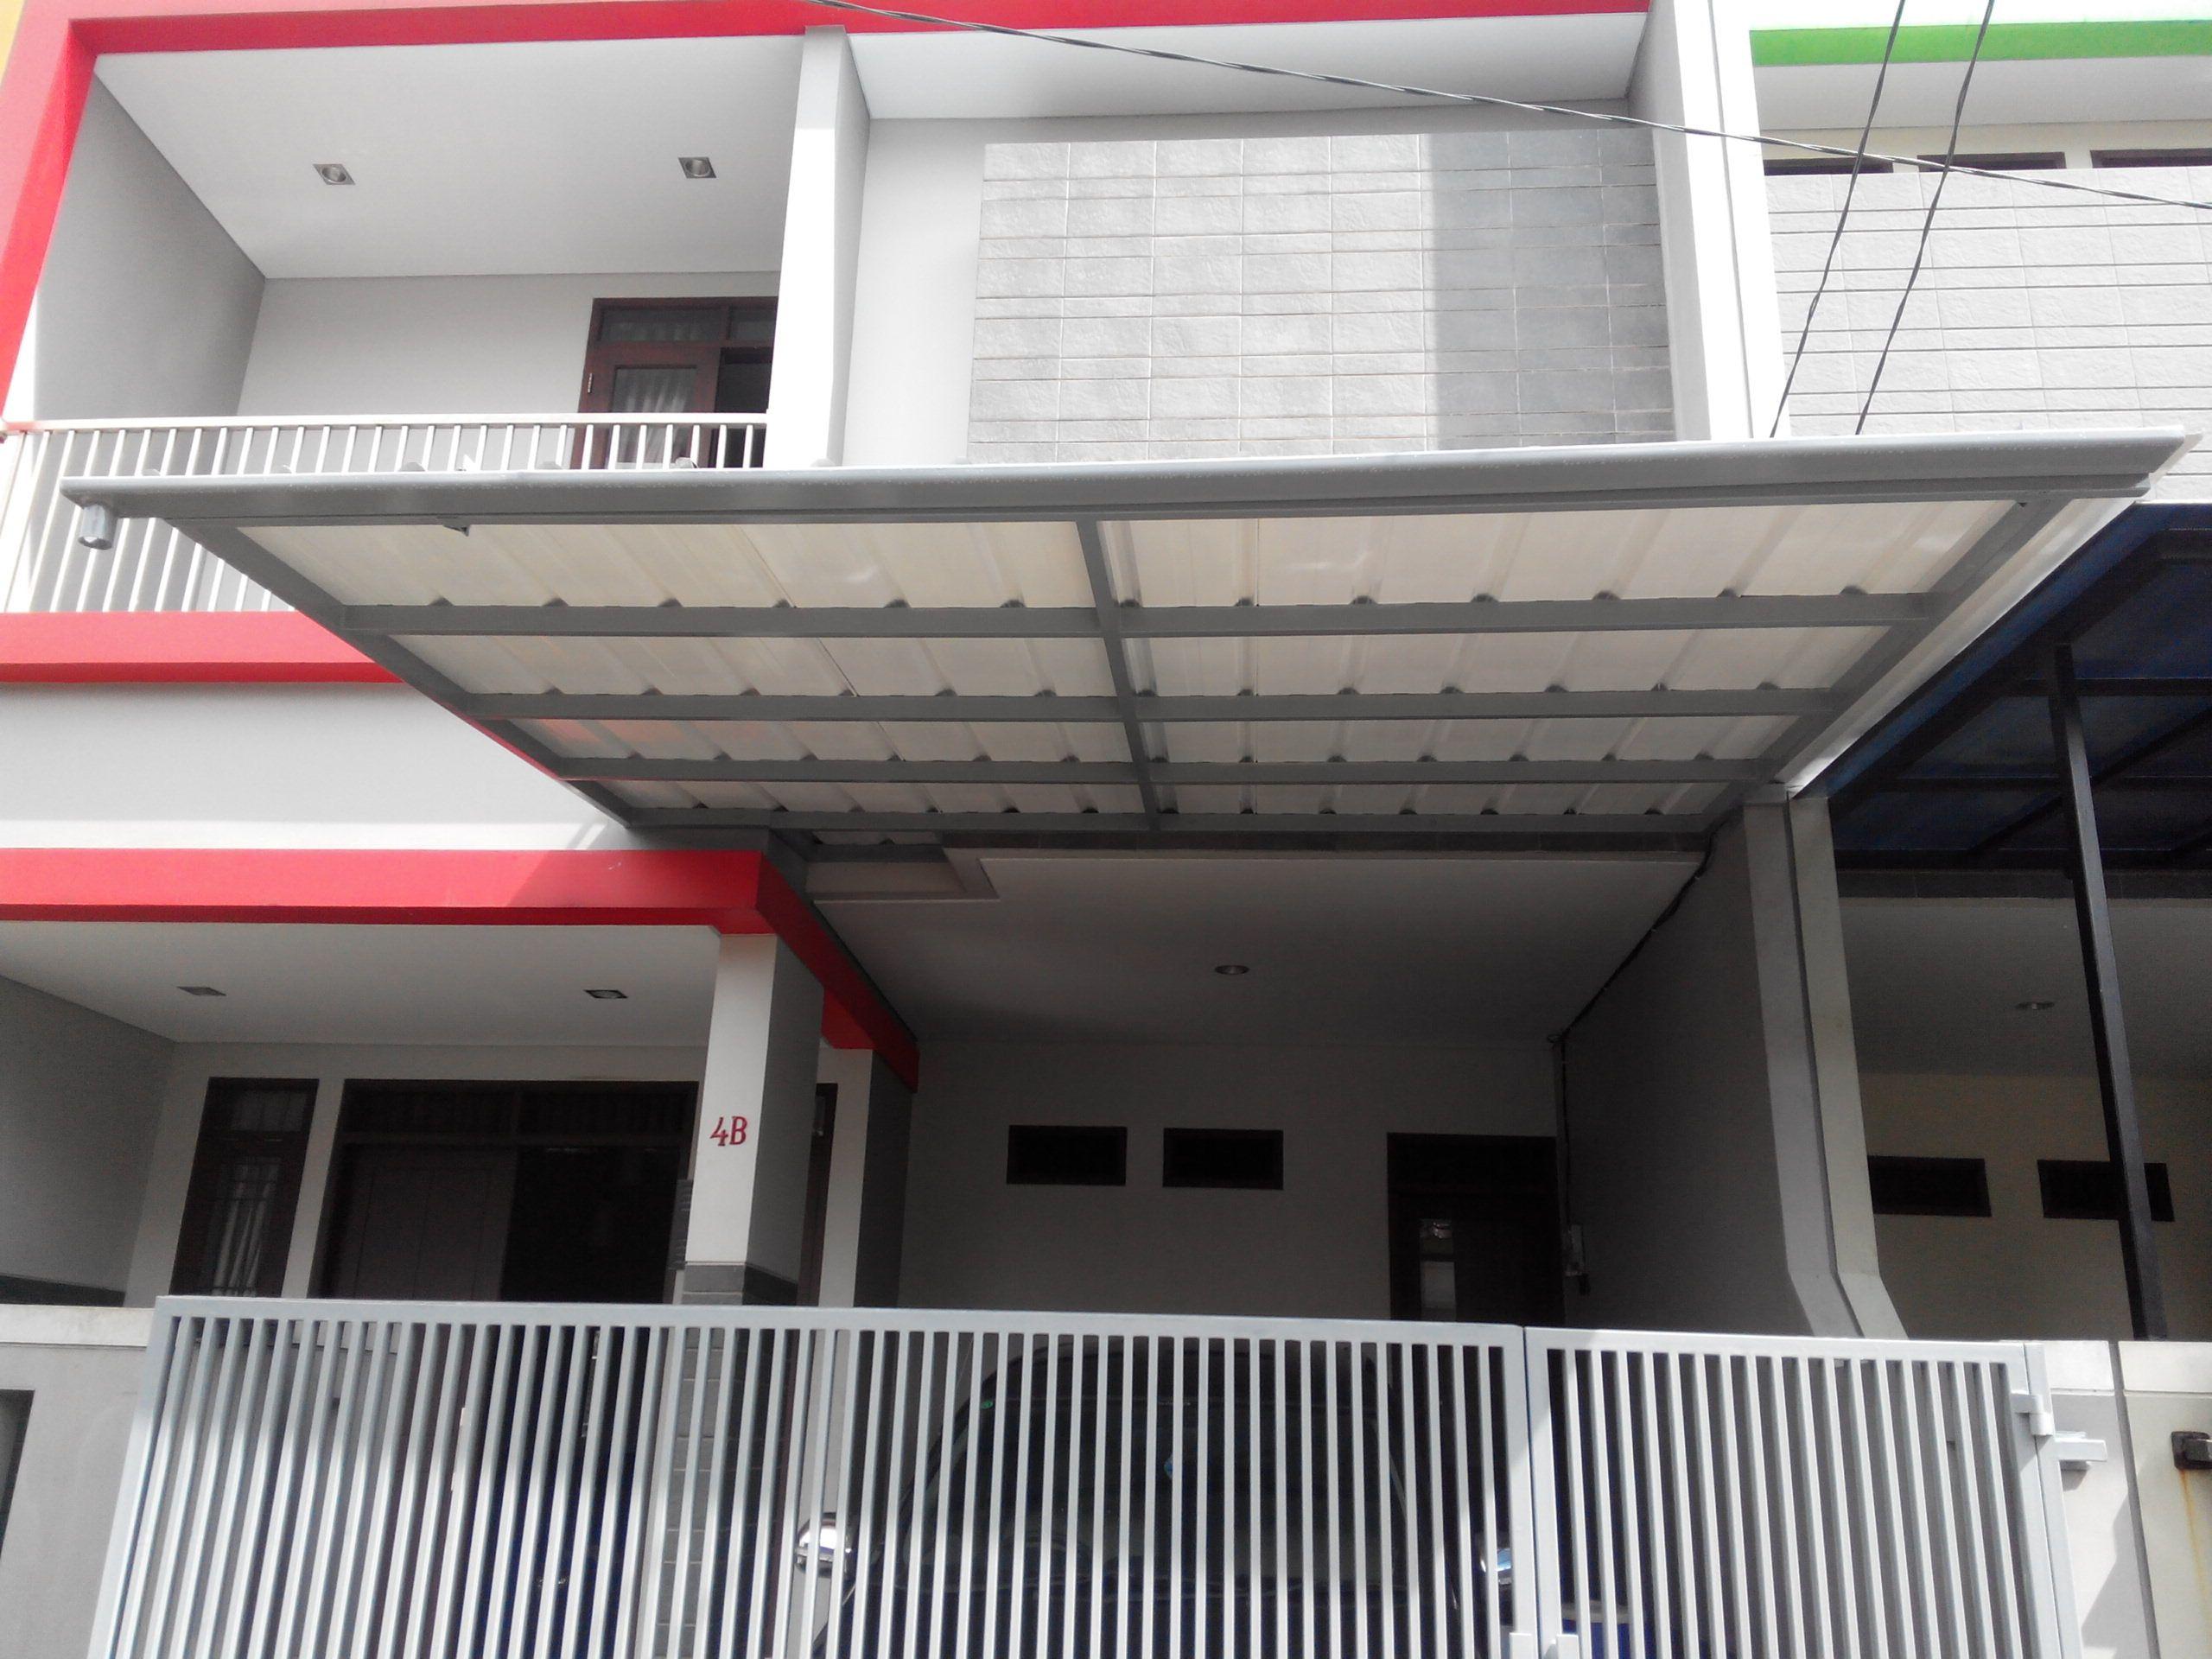 kanopi baja ringan tanpa tiang penyangga pin di arrayyan steel canopy